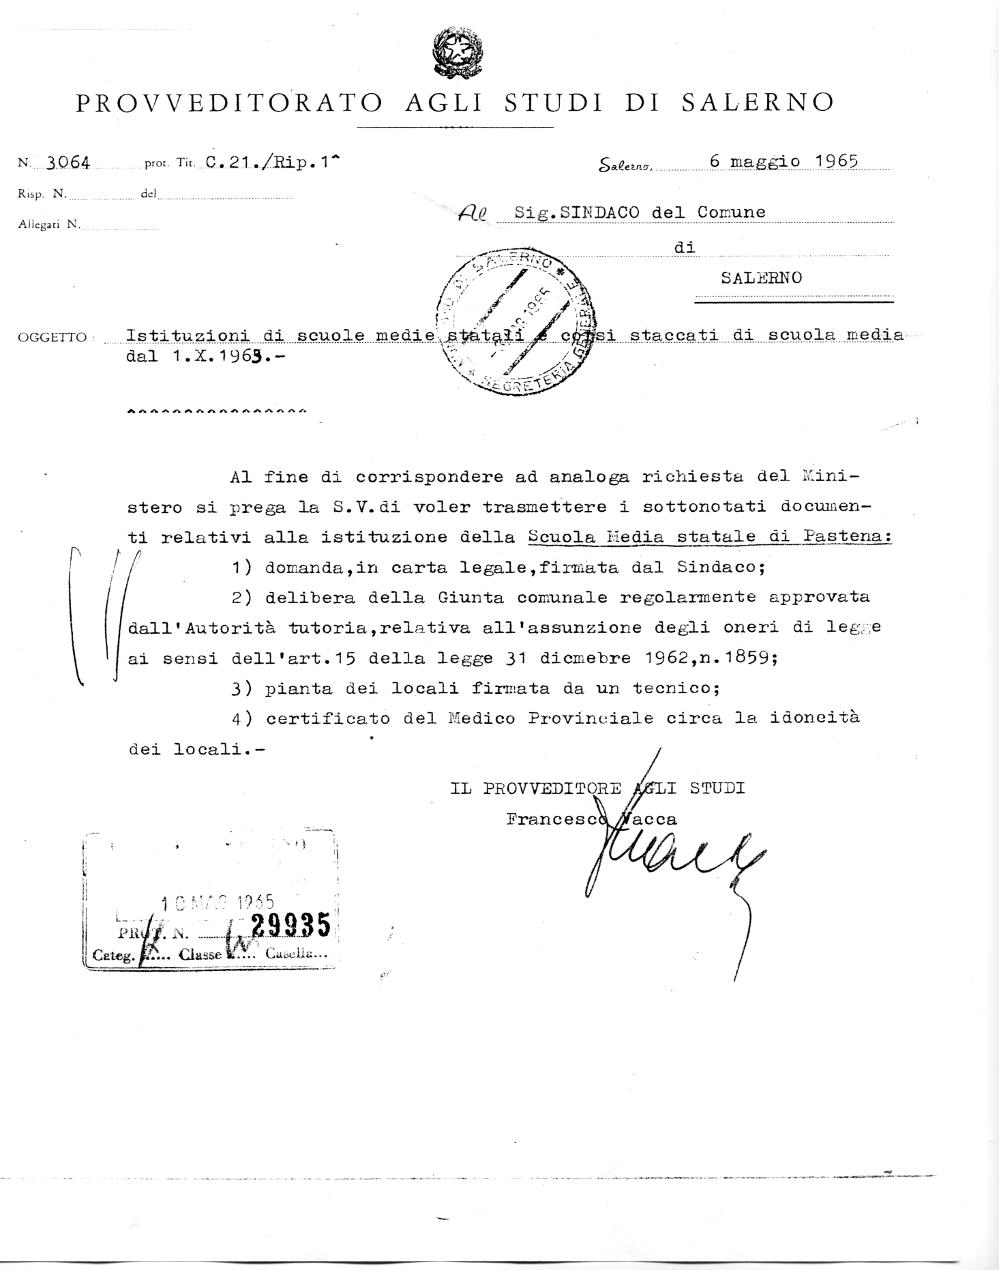 Richiesta di documentazione inerente l'istituzione della Scuola da parte del Provveditorato di Salerno (Archivio storico Comune di Salerno)